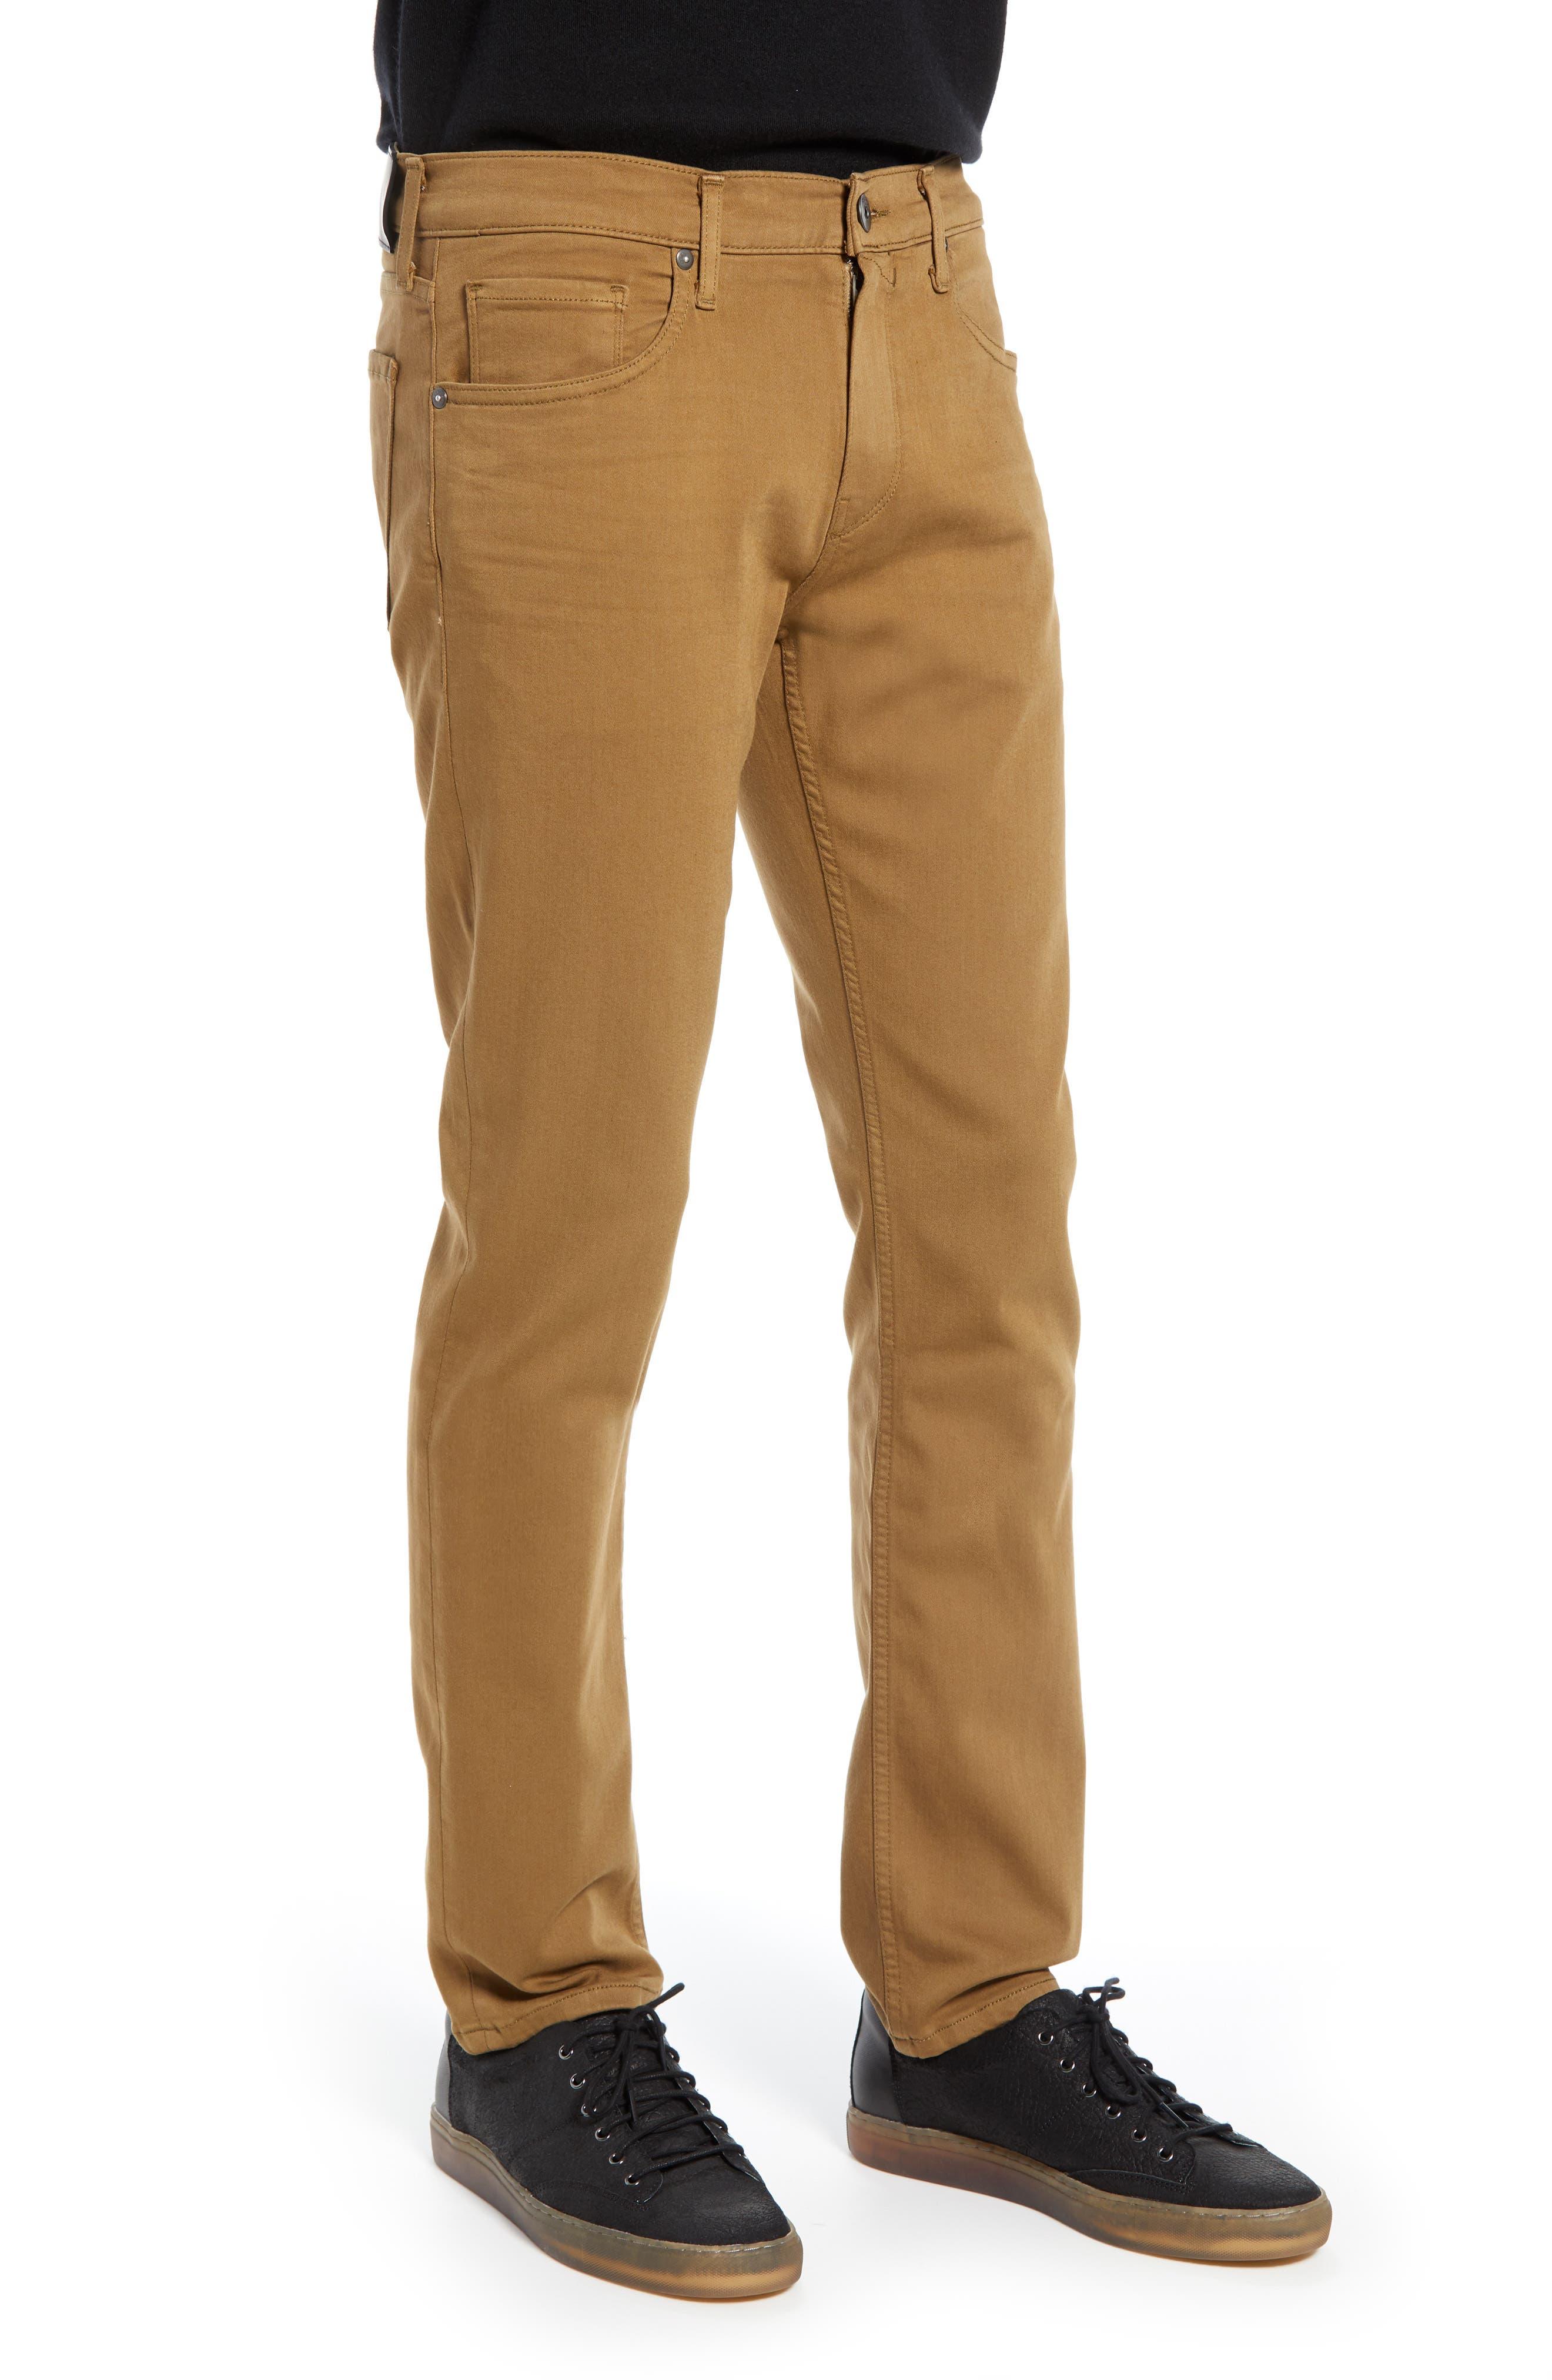 PAIGE, Transcend - Federal Slim Straight Leg Jeans, Alternate thumbnail 3, color, LAUREL TAN